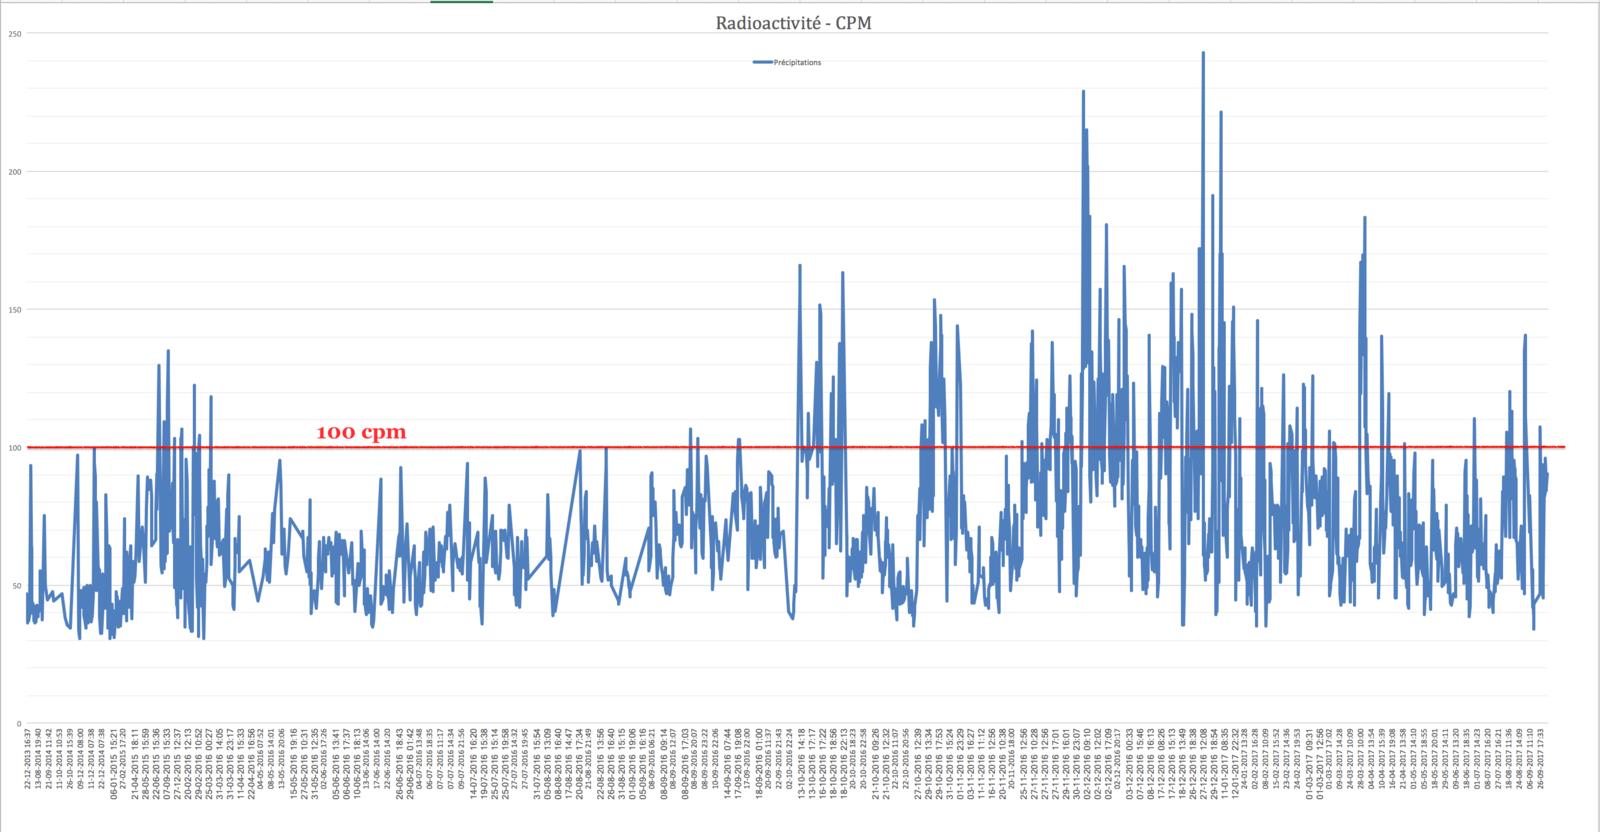 Mise à jour du graphique sur la radioactivité dans les précipitations